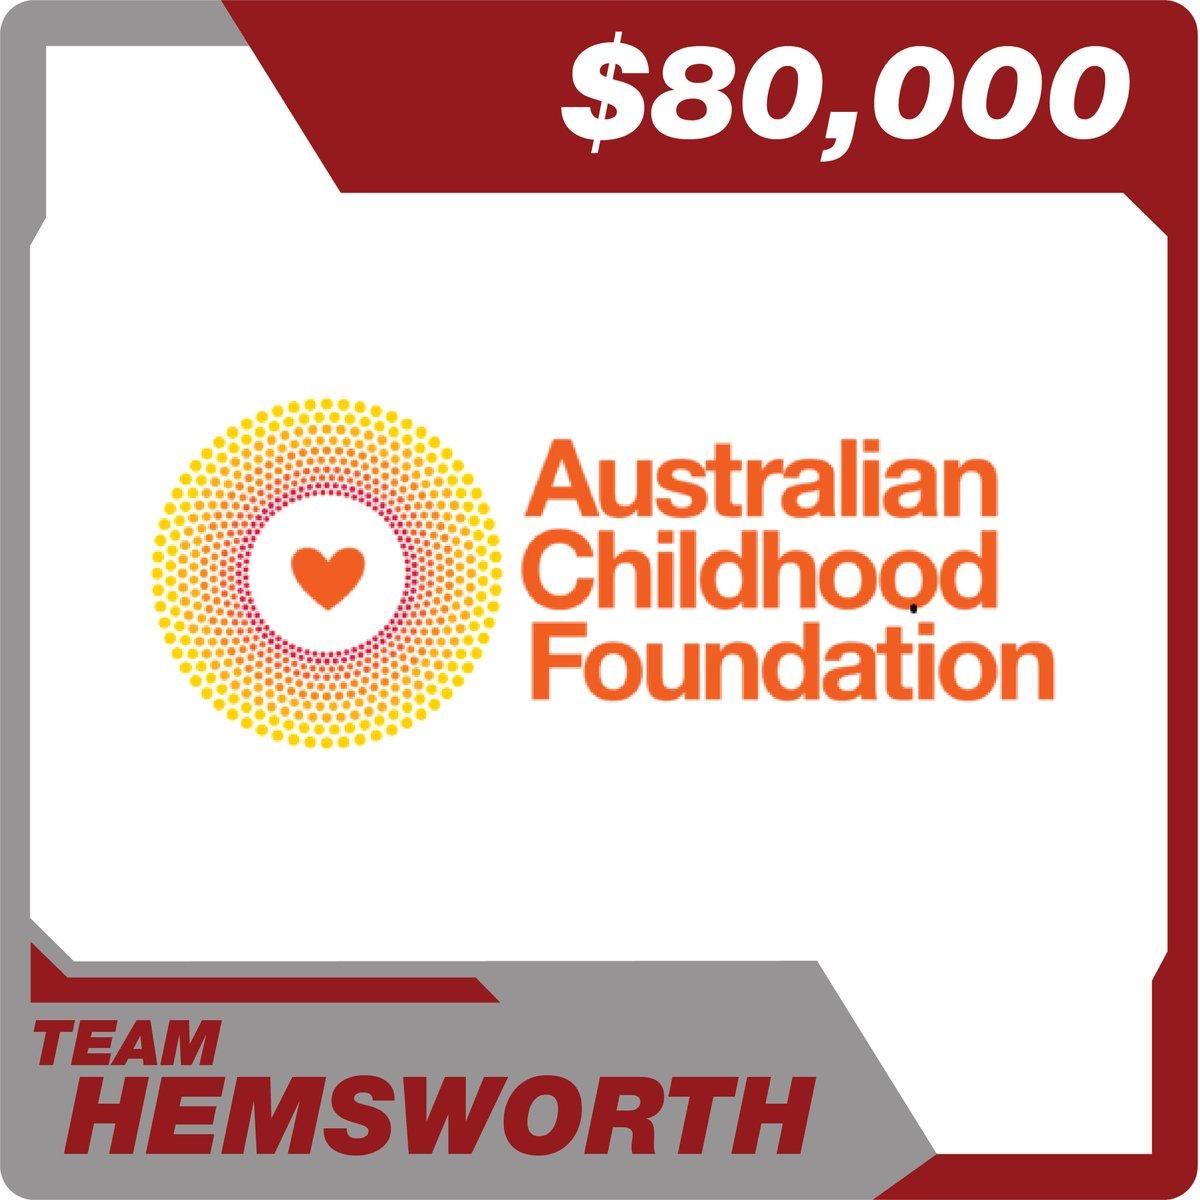 #TeamHemsworth @chrishemsworth @AusChildhood